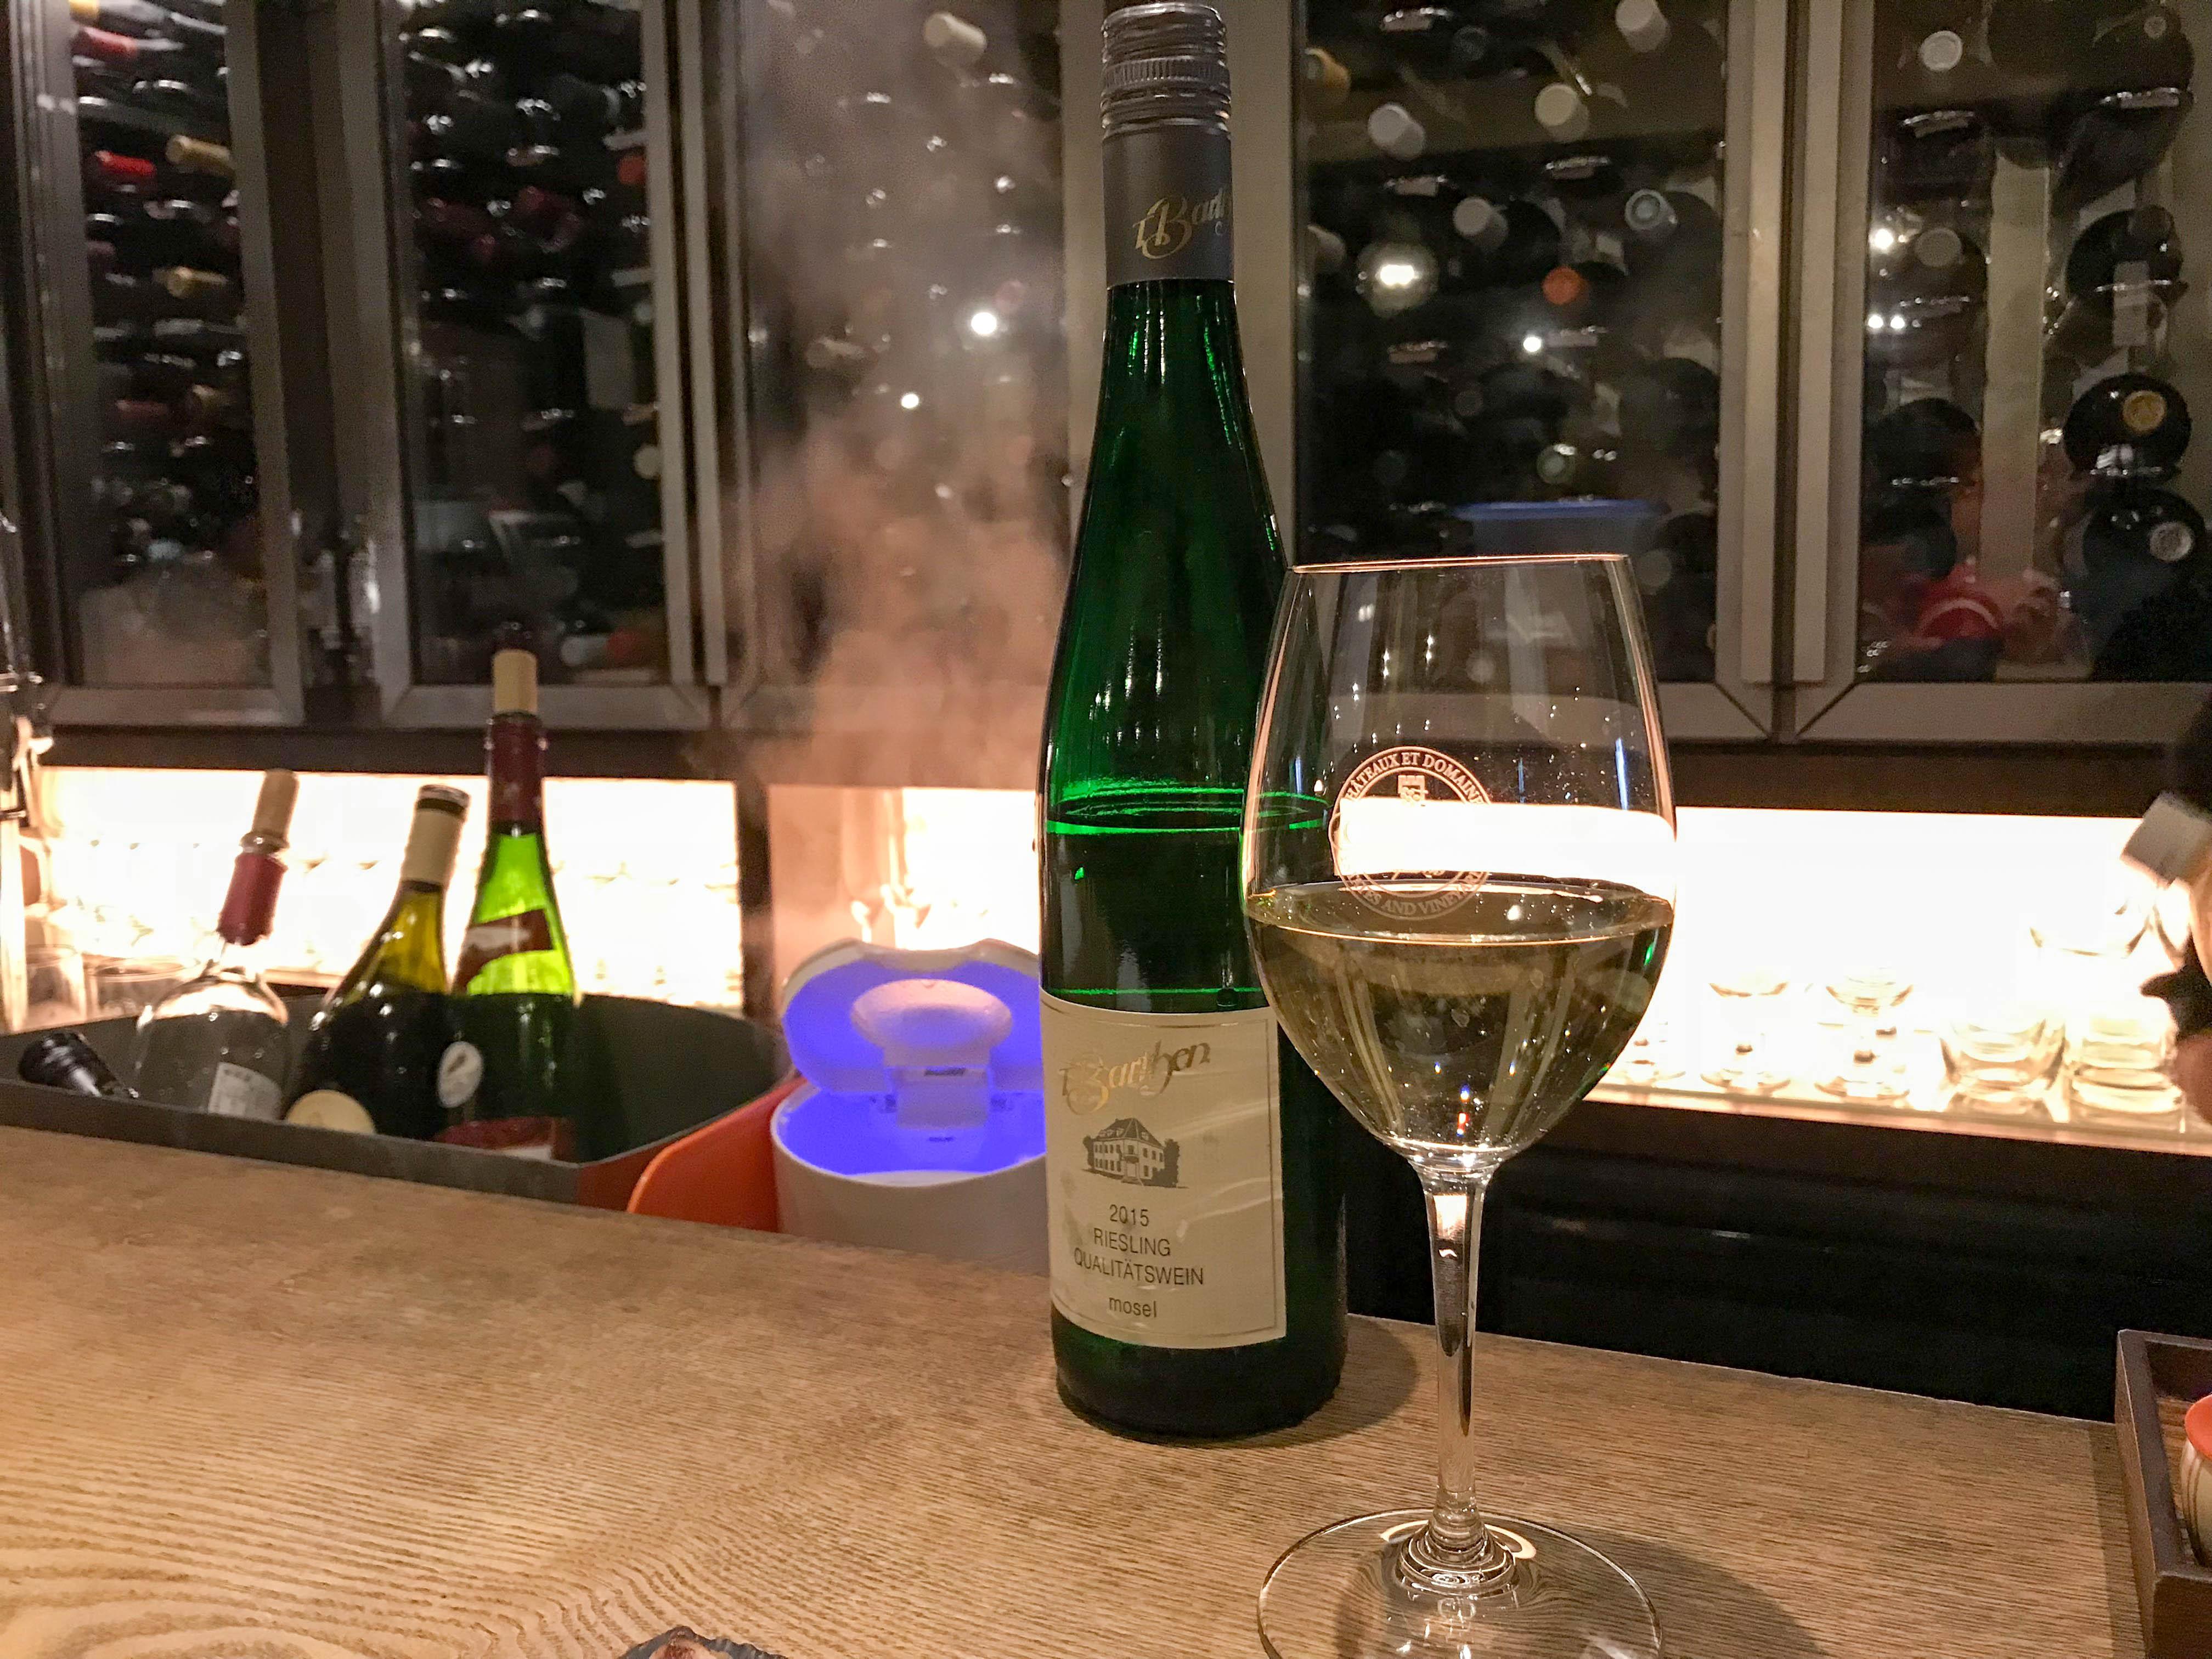 【やきとりwine炭葡萄】(千代田区神田佐久間町) おしゃれなワインバルでサク飲み。焼き鳥との相性はいかに。